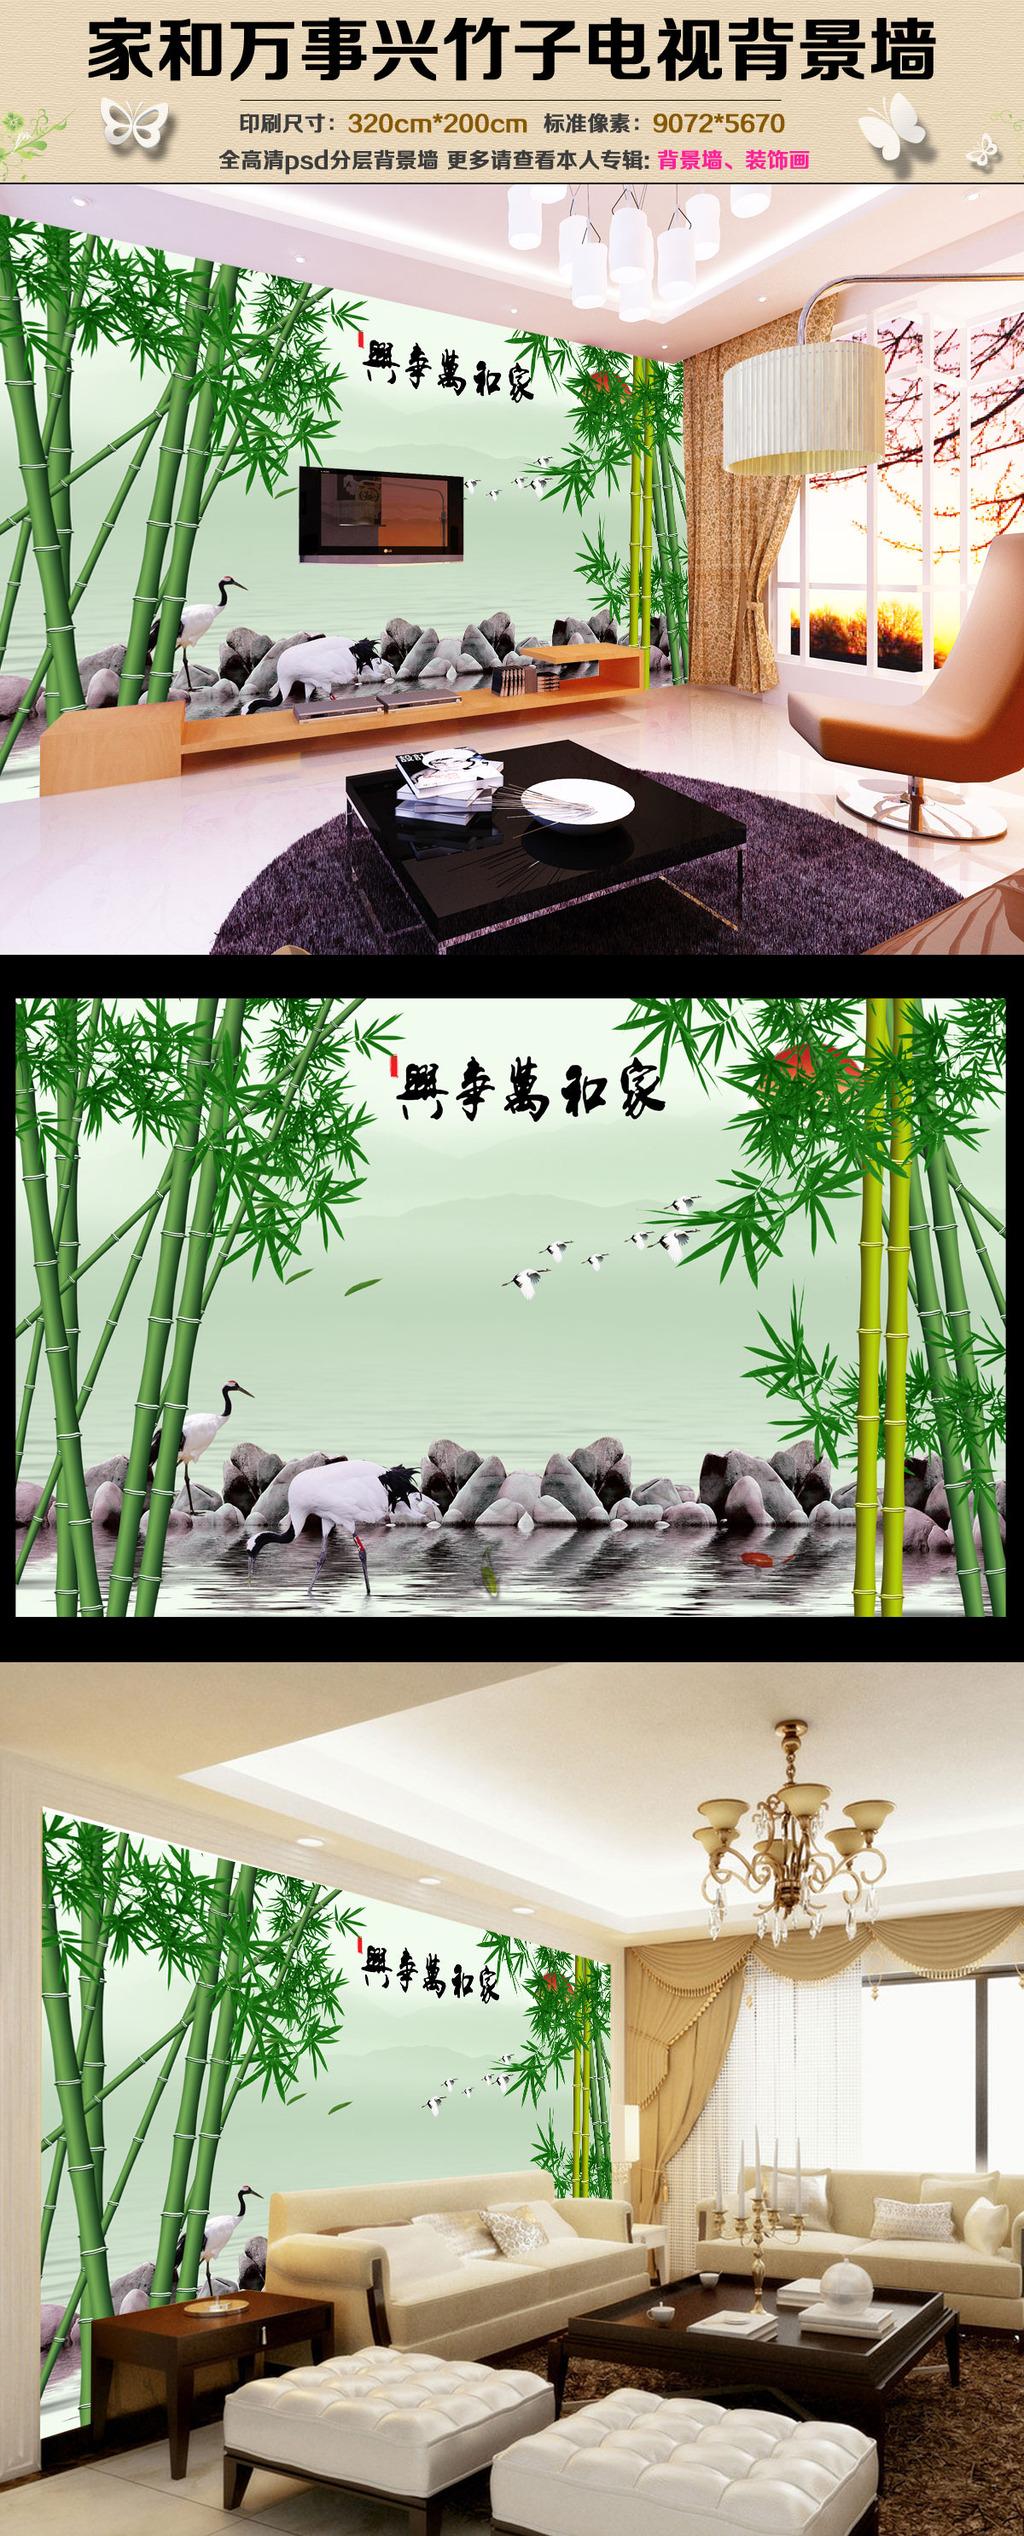 高雅 墙纸 壁纸 墙贴 竹子 家和万事兴 白鹤 仙鹤 竹韵 鲤鱼 池塘